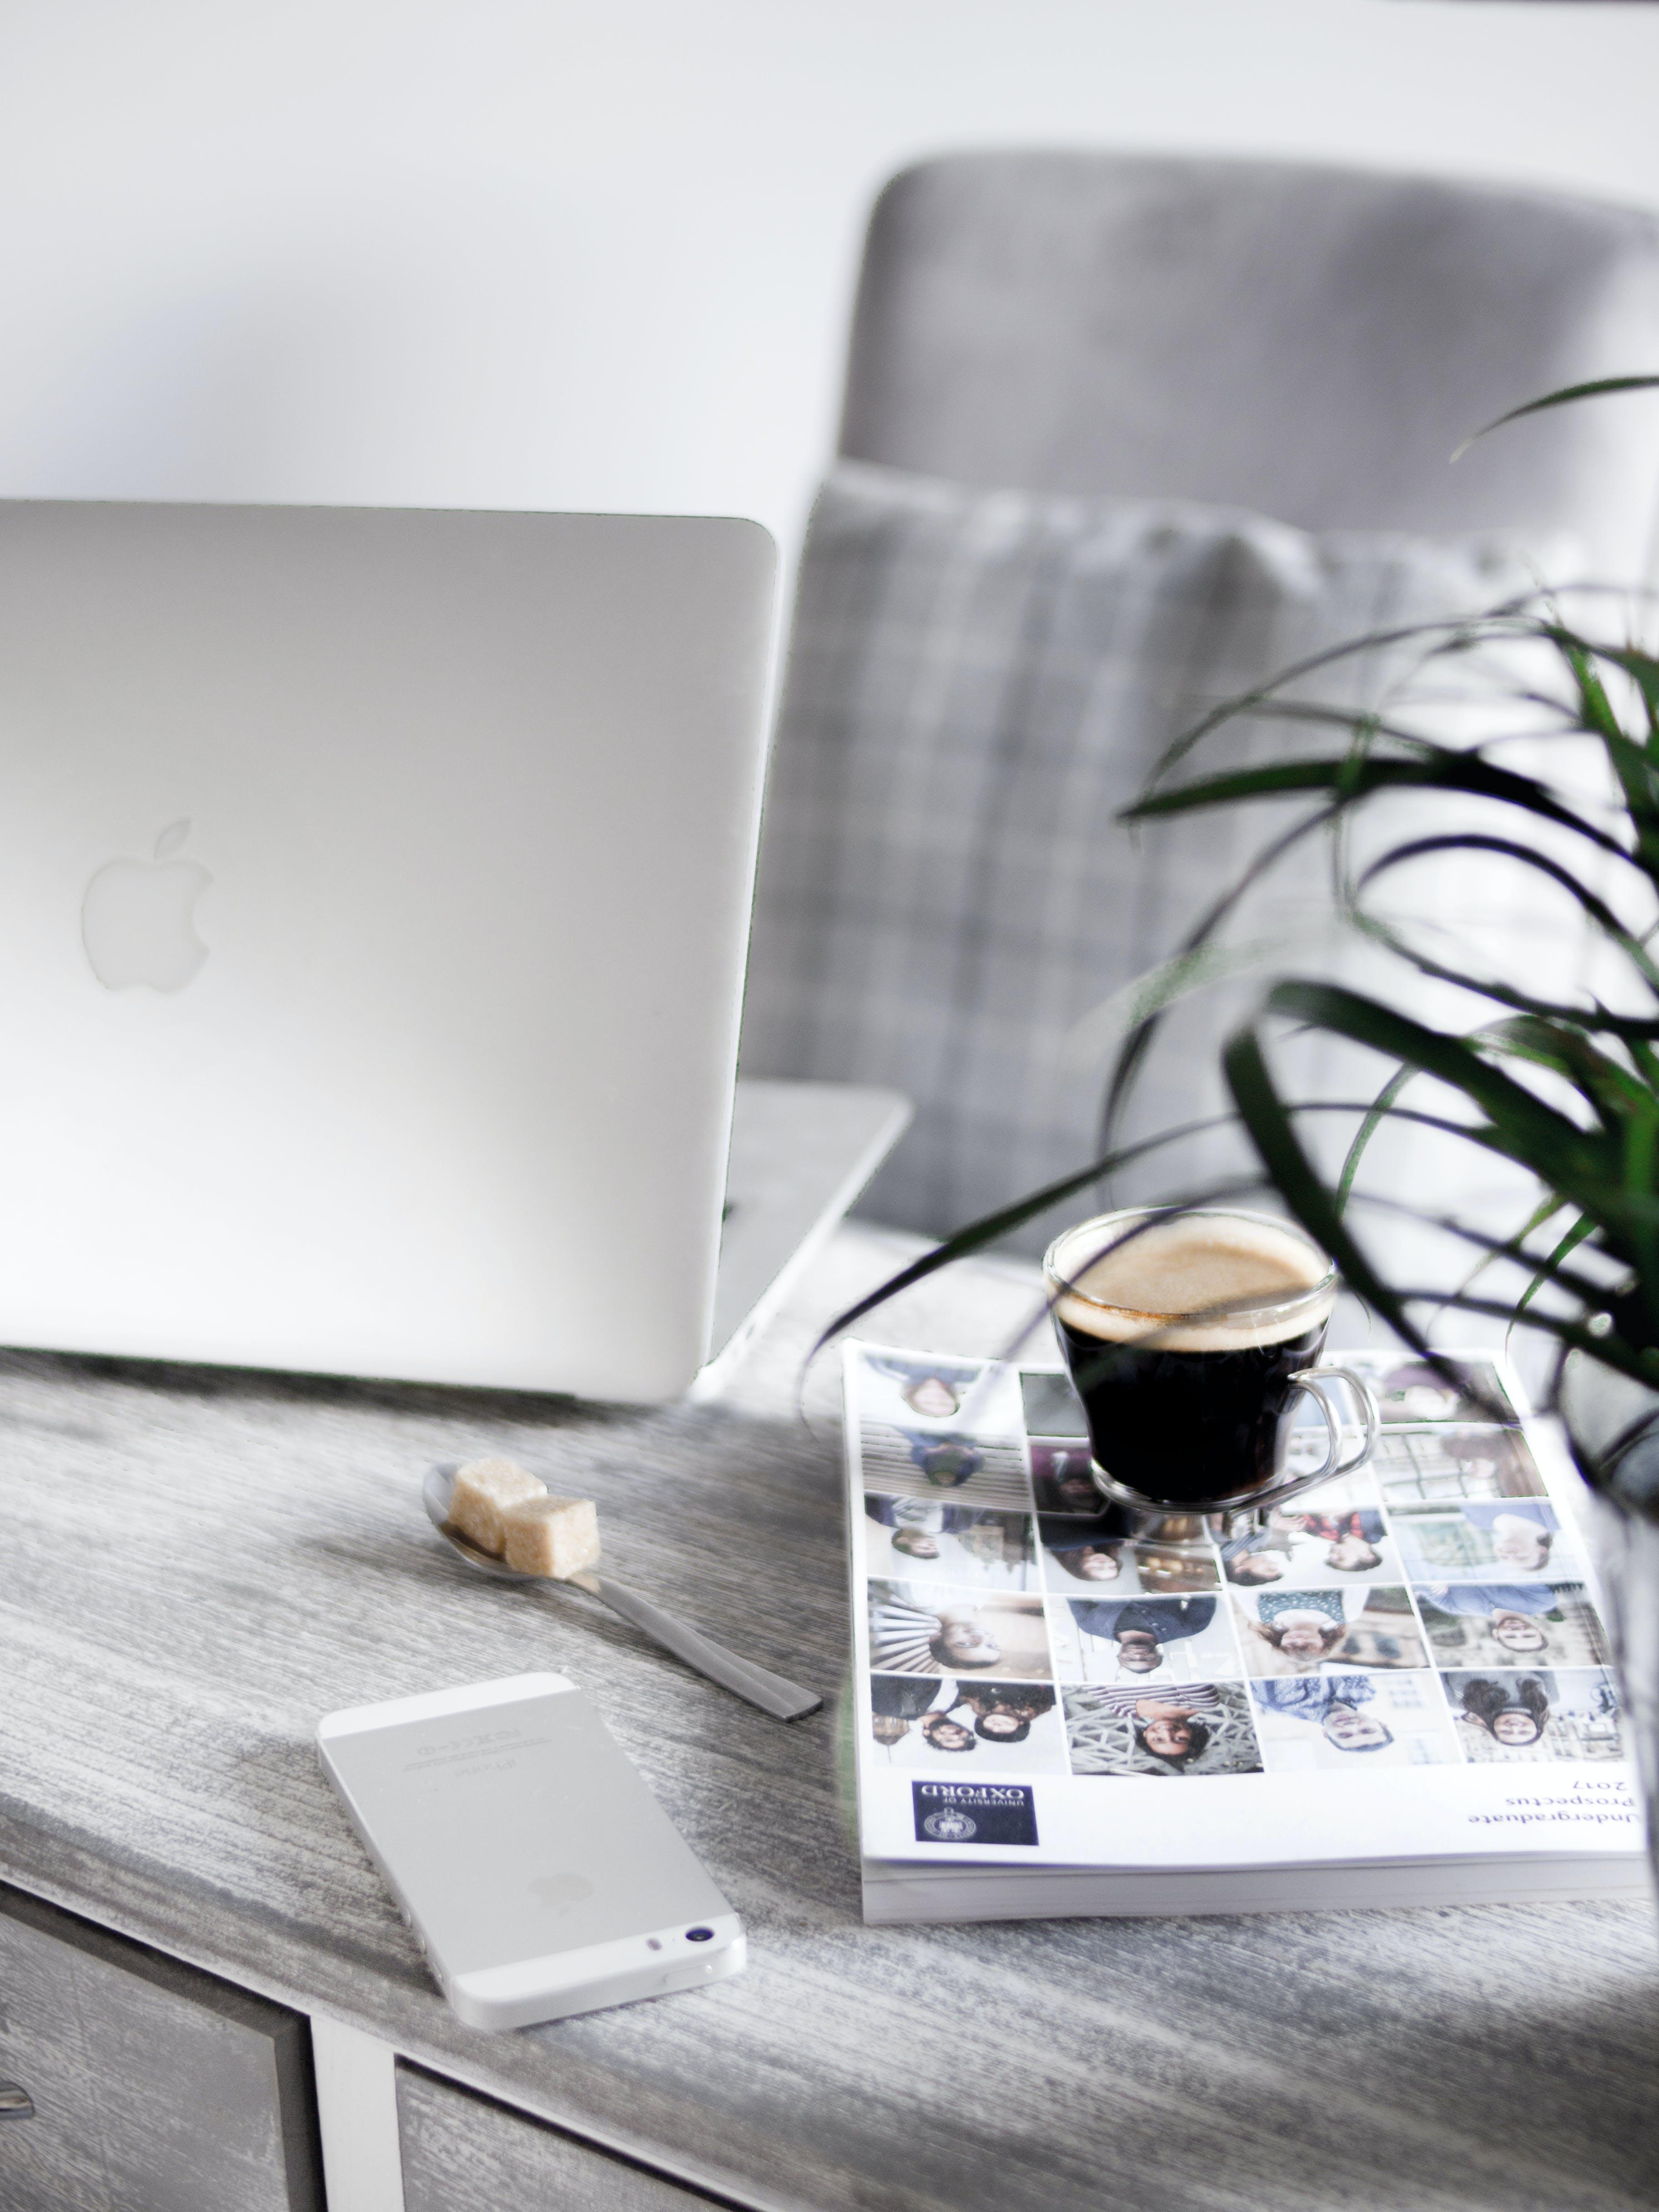 Gratis lagerfoto af arbejdsområde, arbejdsplads, blad, bærbar computer